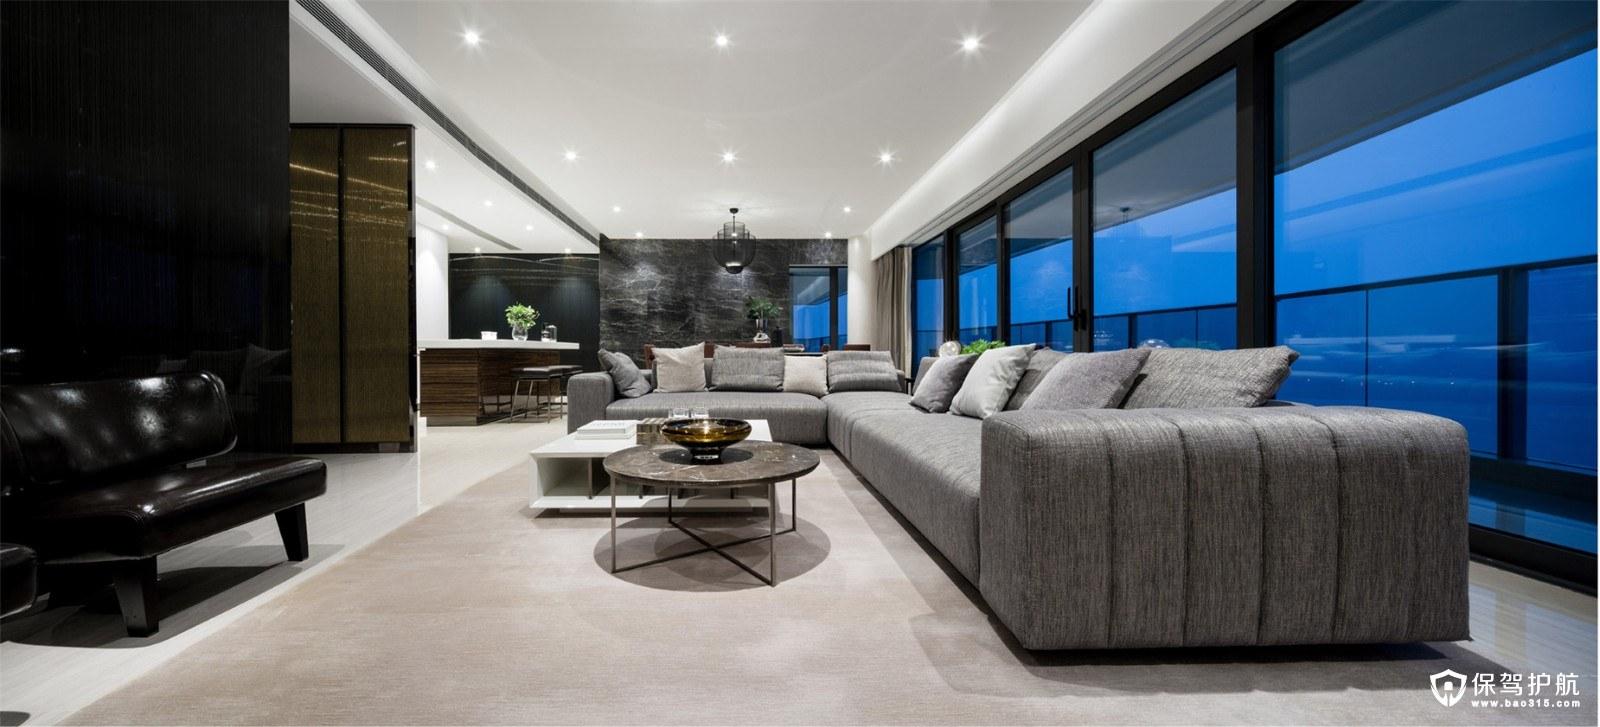 269㎡现代风格四室两厅装修效果图